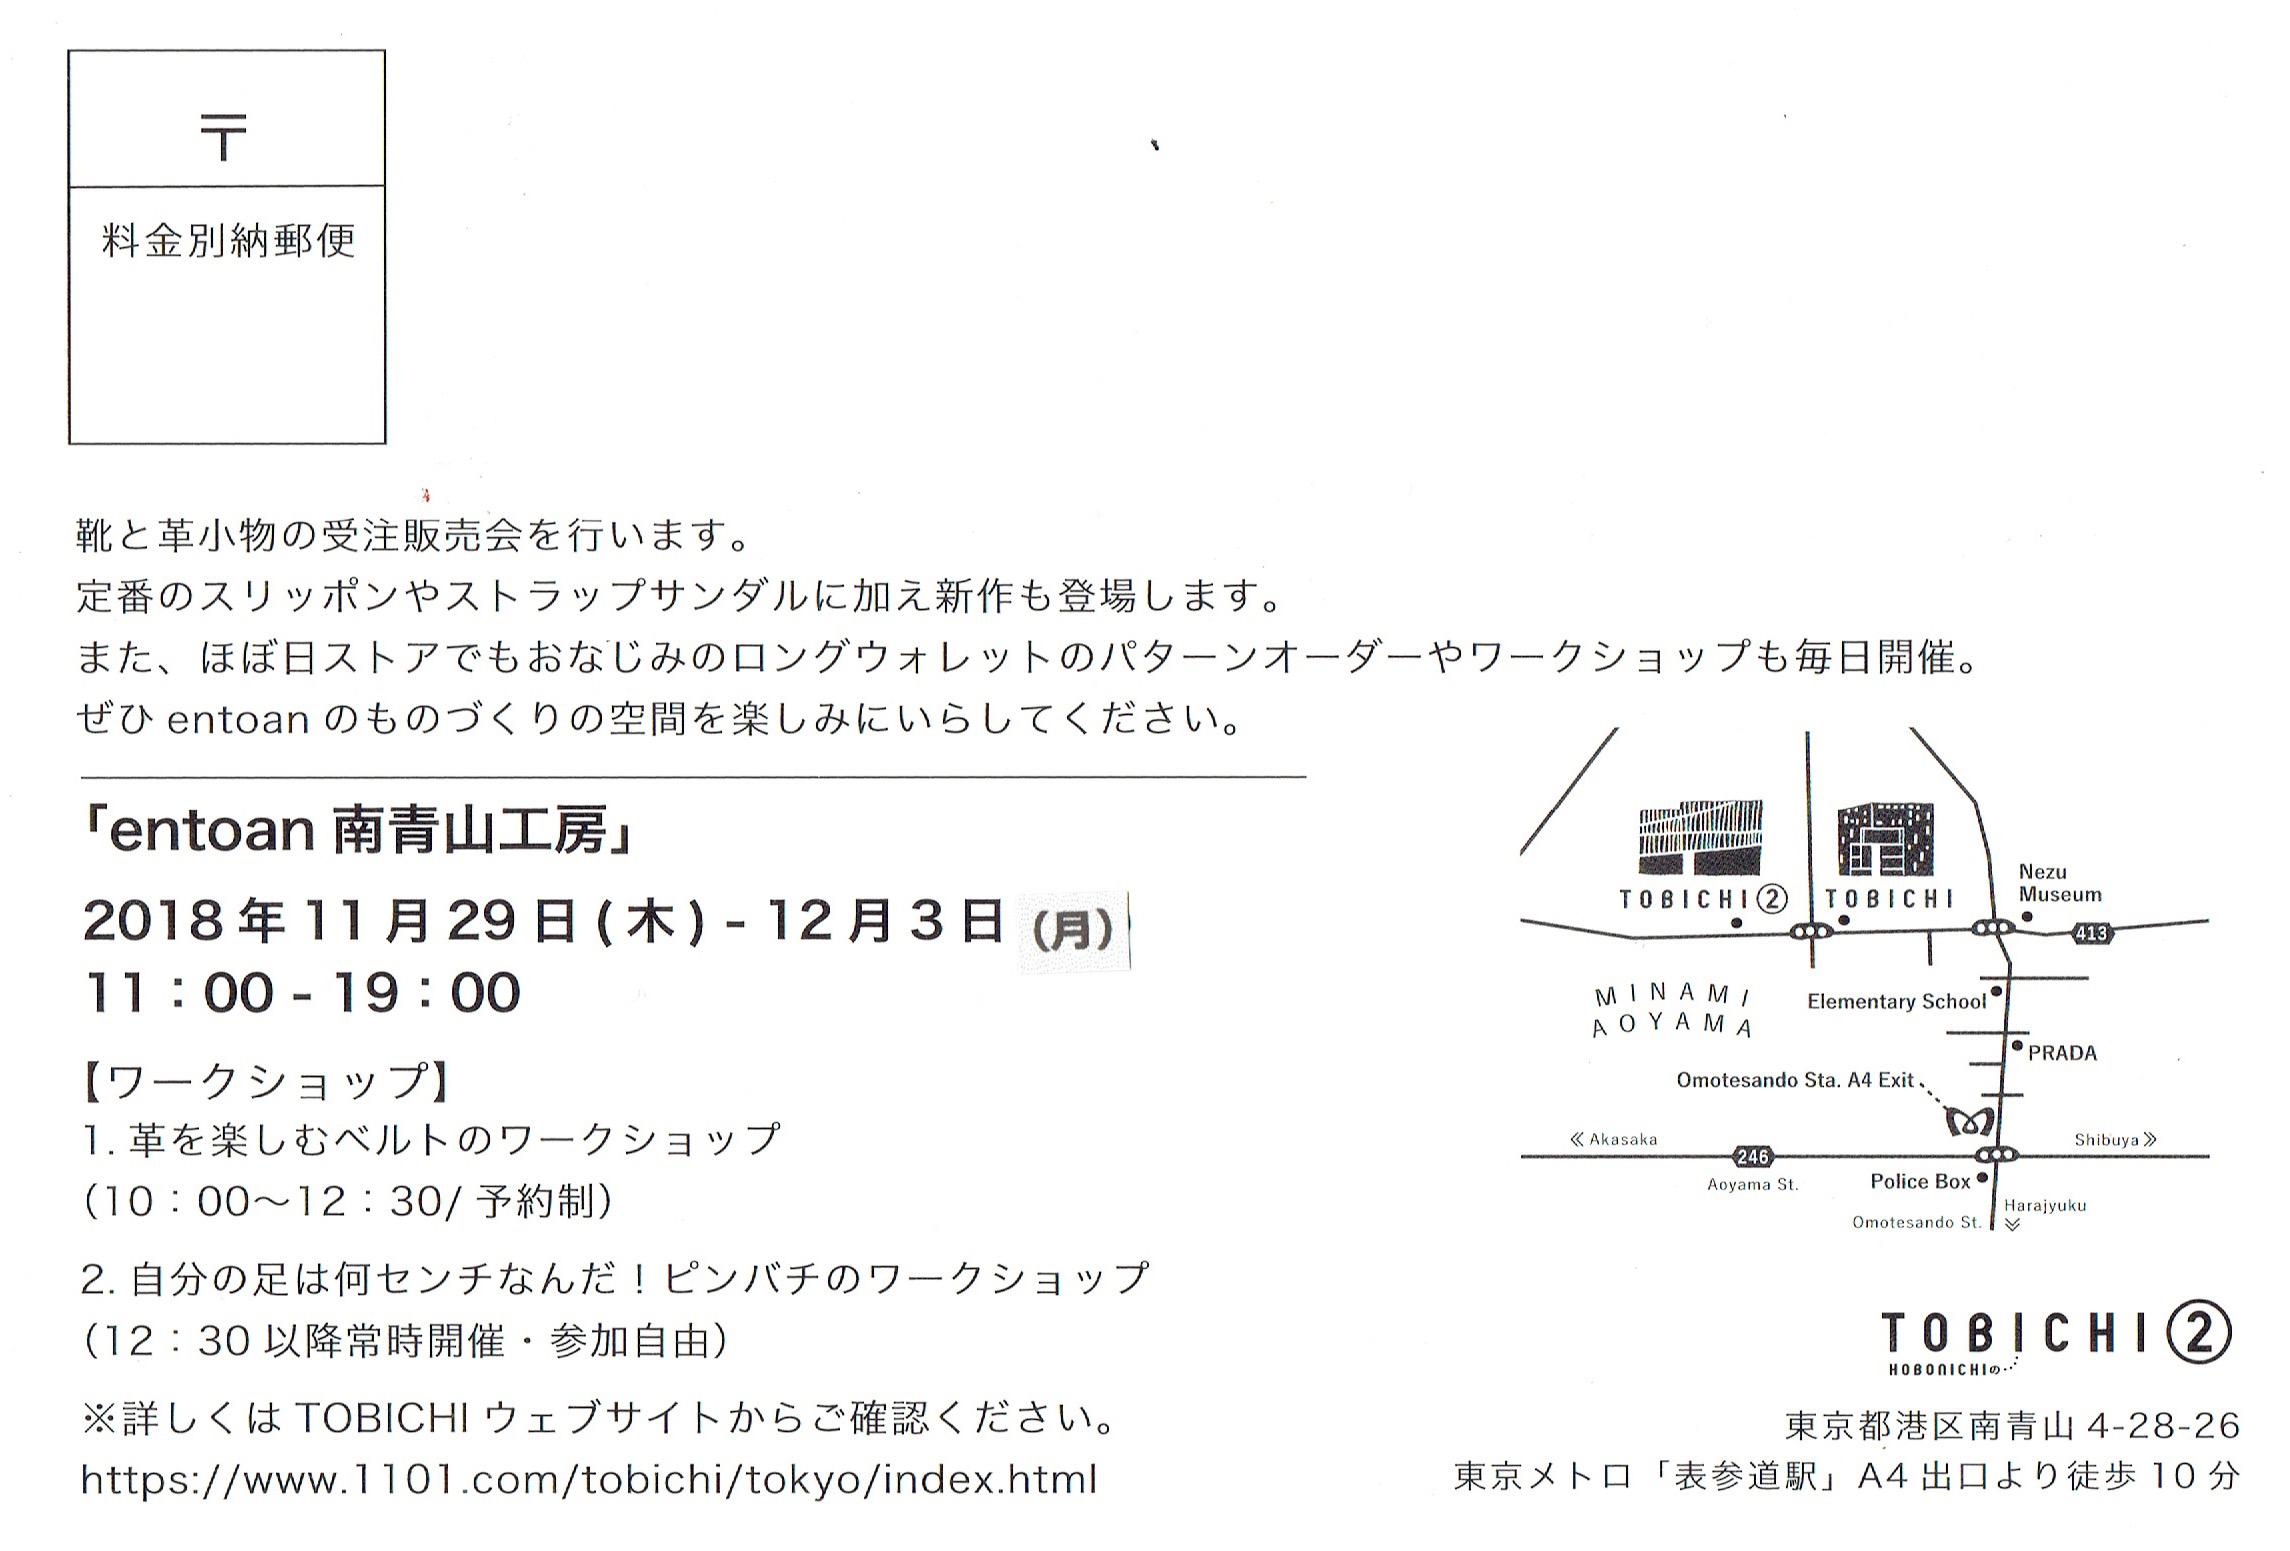 スキャン 6 のコピー